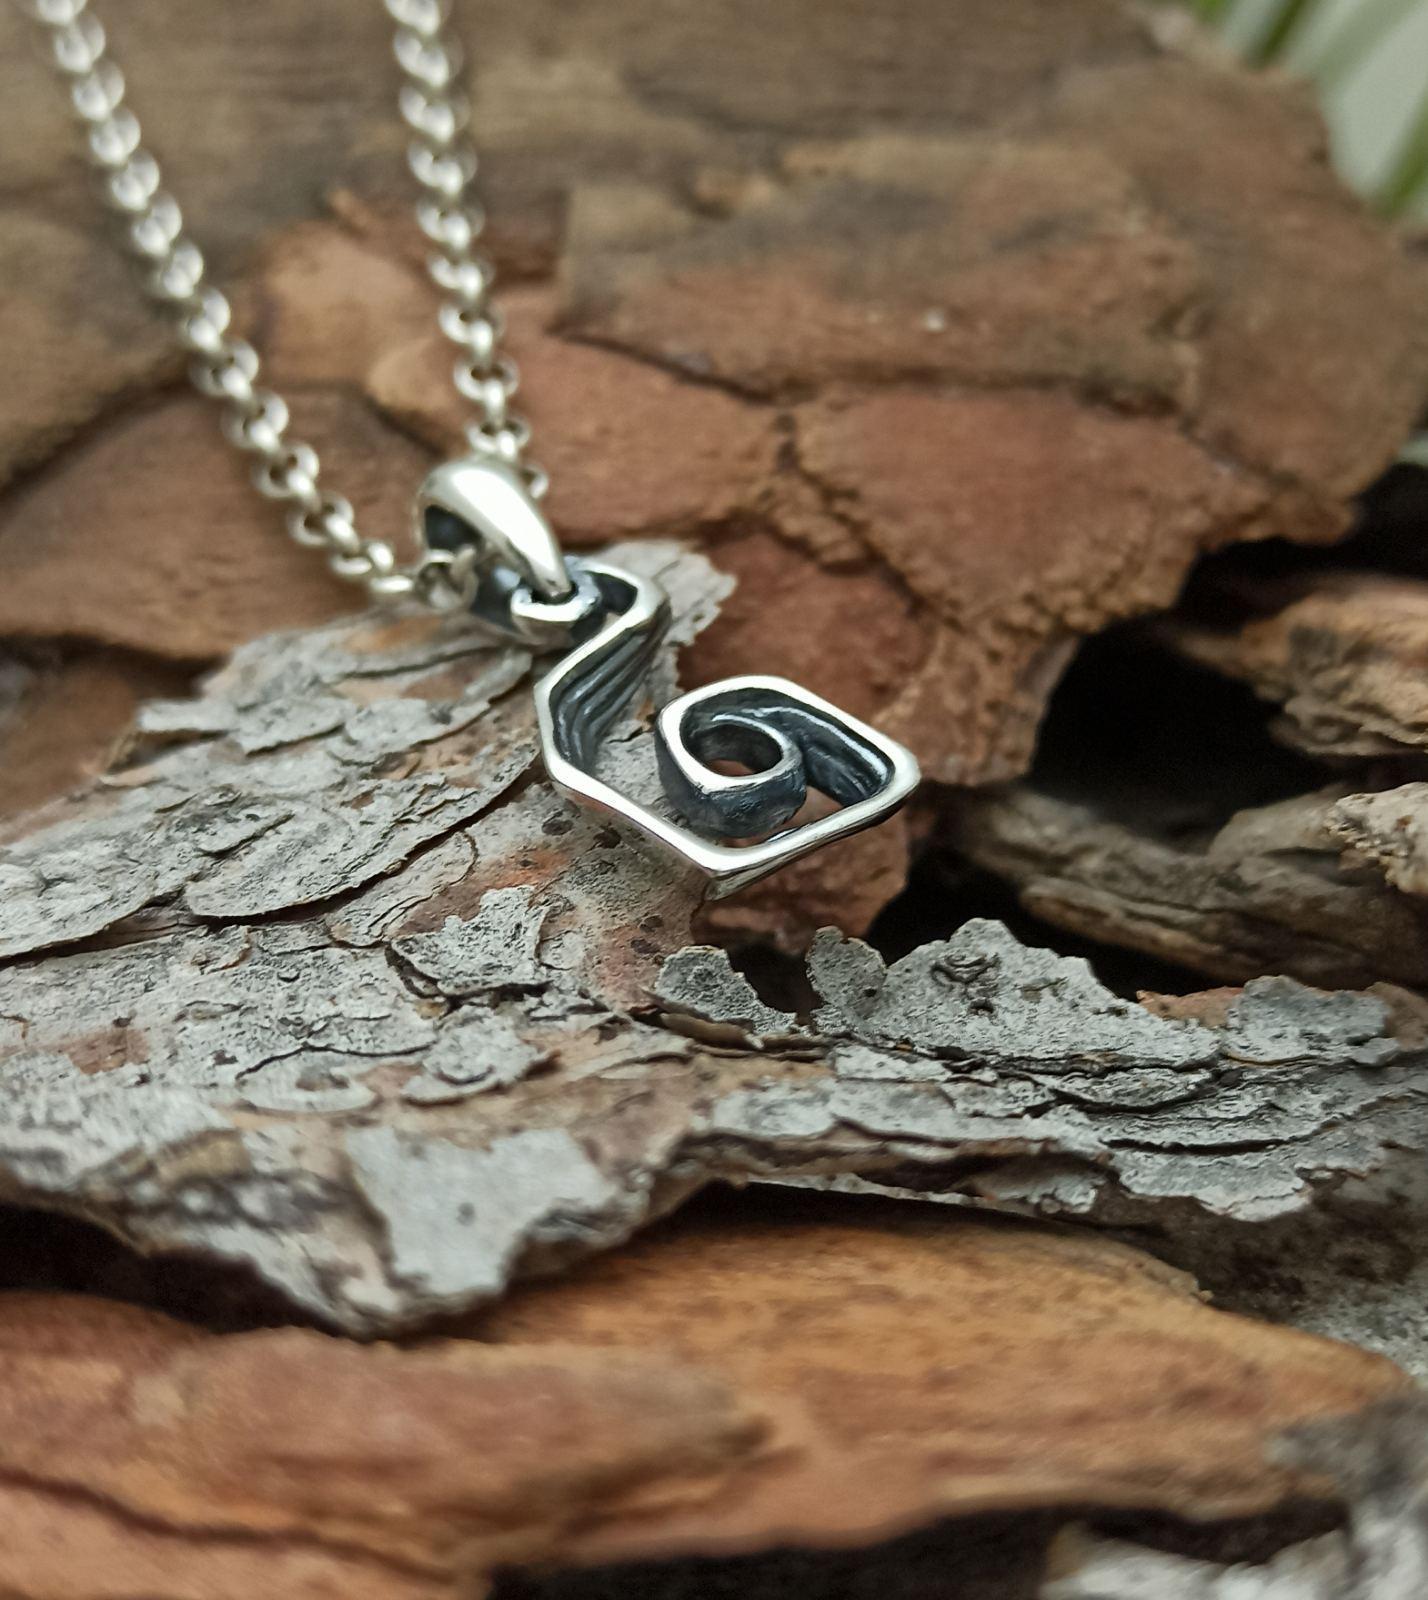 Дамски сребърен медальон 1142M Бижуто направено S любов ивнимание към всеки детайл Ръчно изработен фабрика за бижутерия Студио Николас